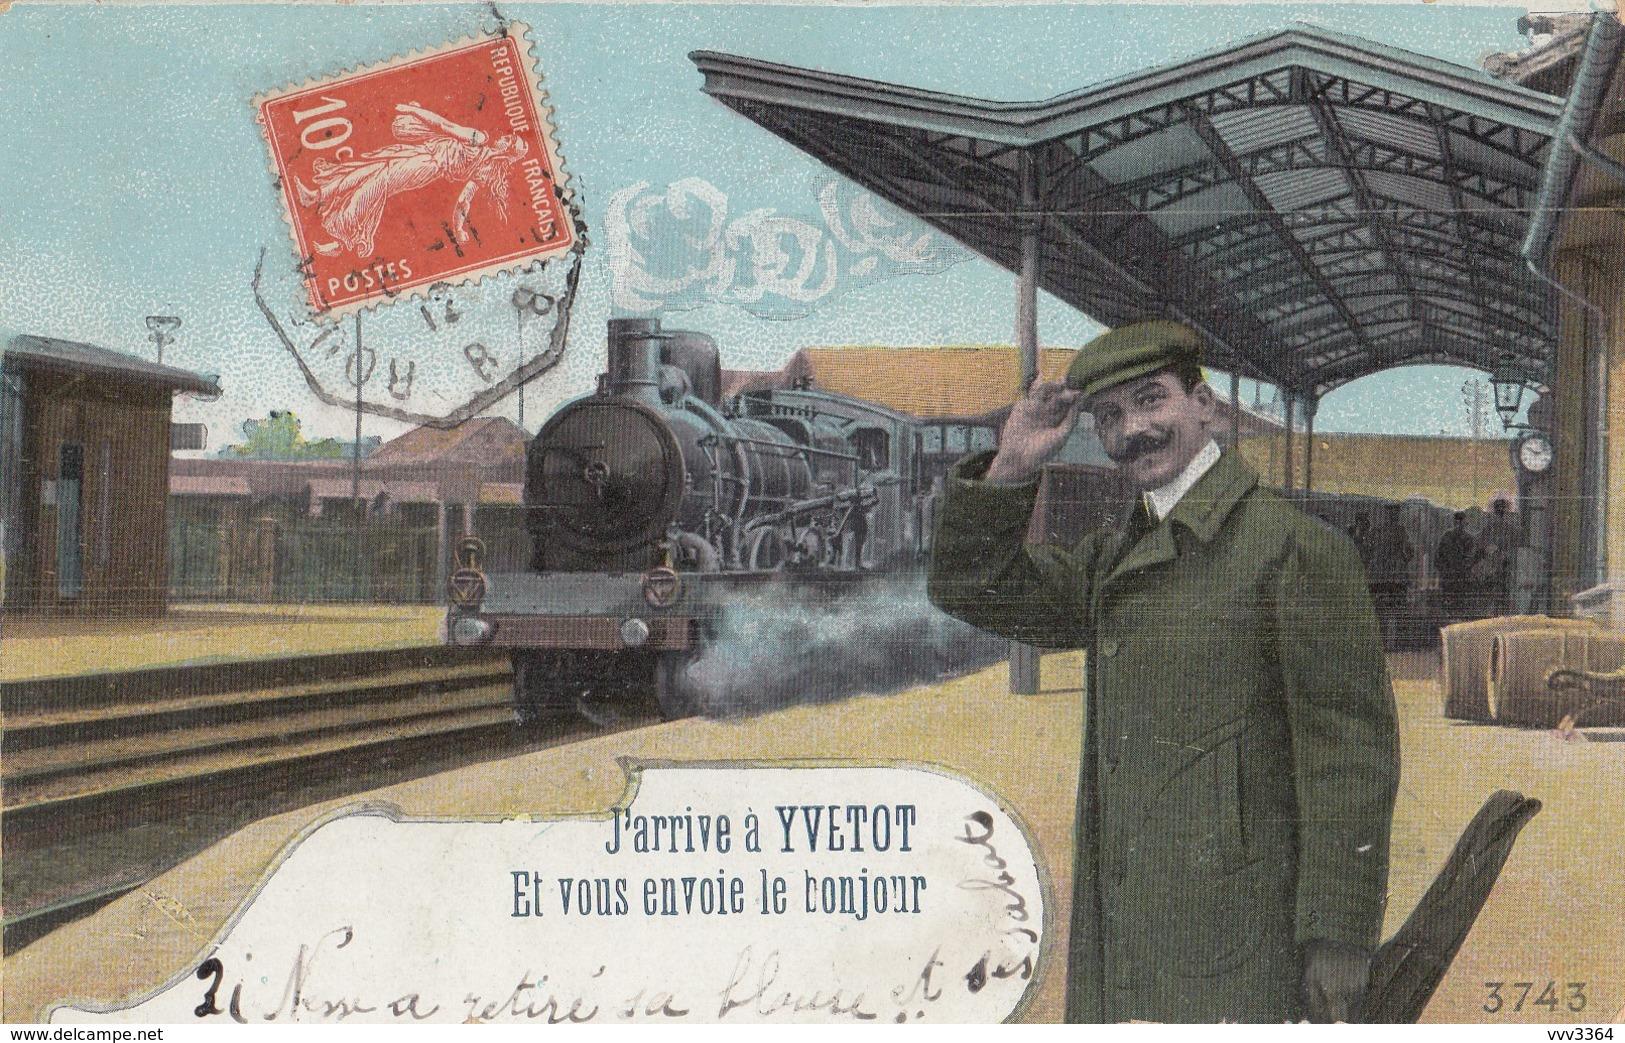 YVETOT: J'arrive à Yvetot (train à Vapeur) - Yvetot